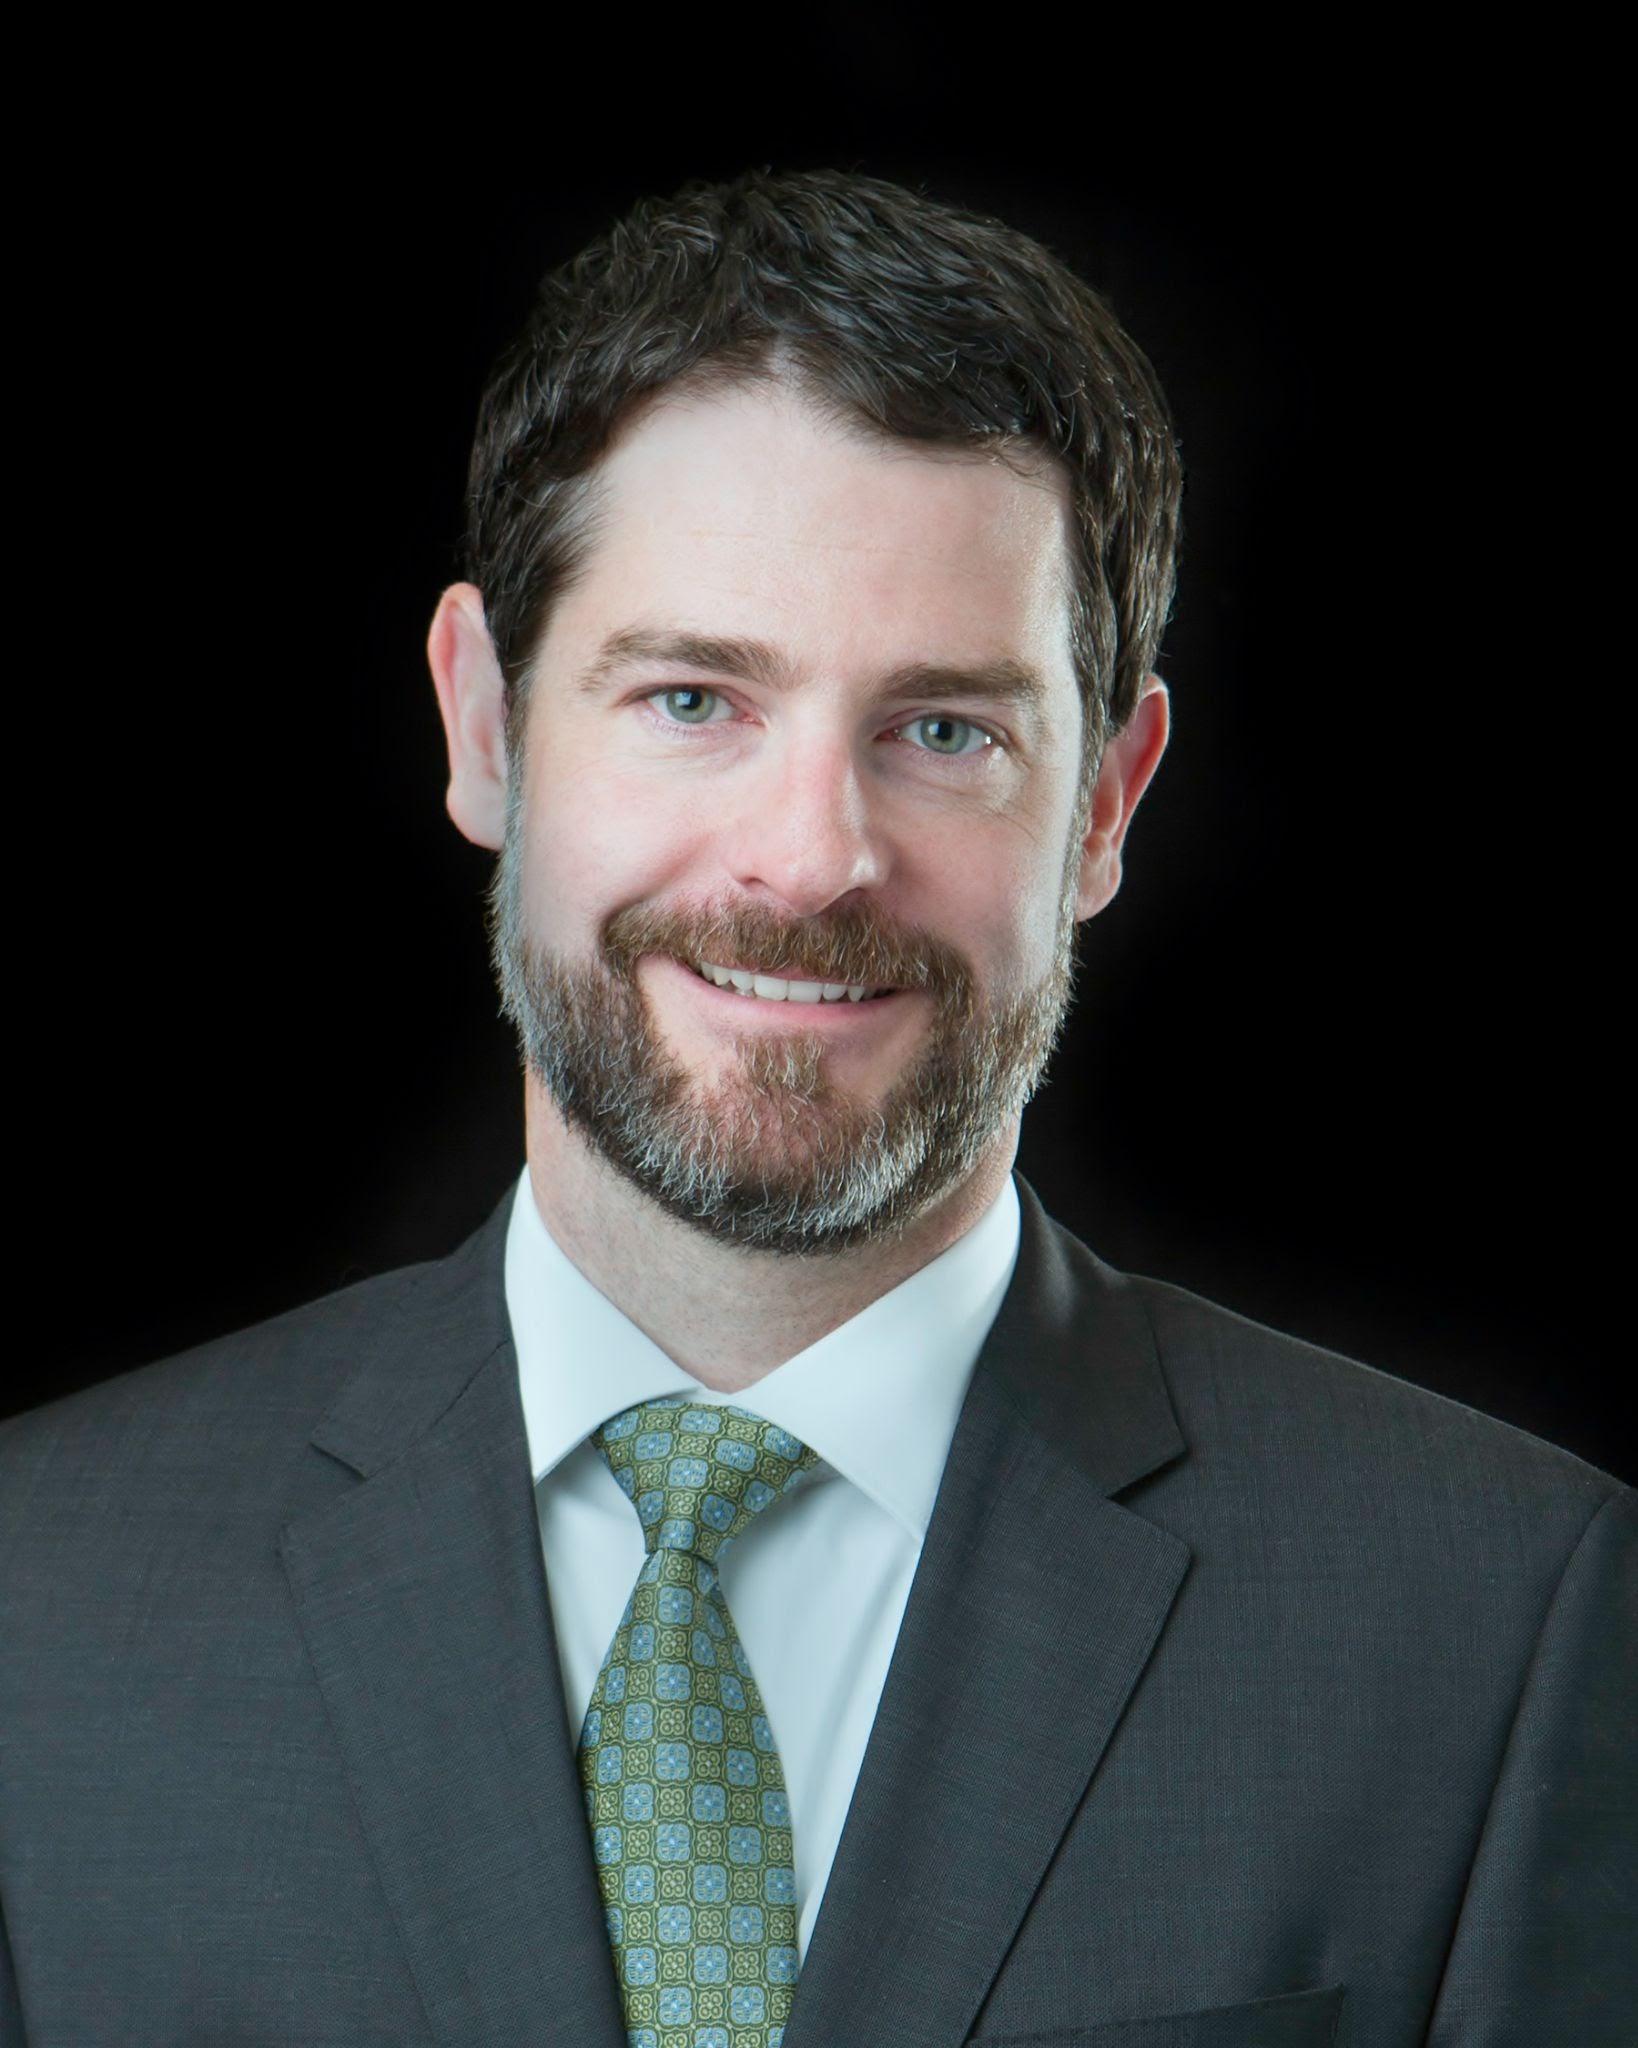 Jeffrey R. Owens